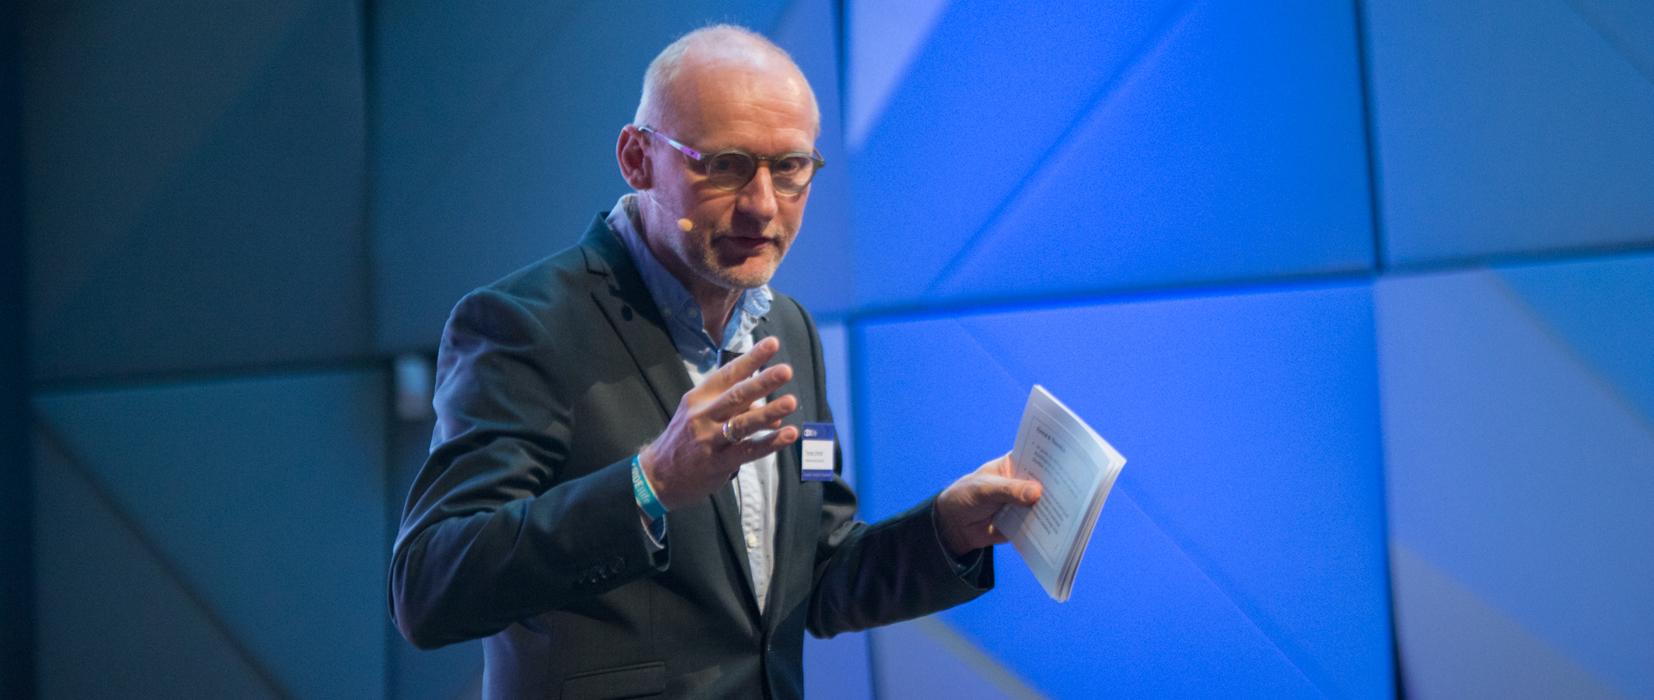 Drei Grundprinzipien für das digitale Lernen